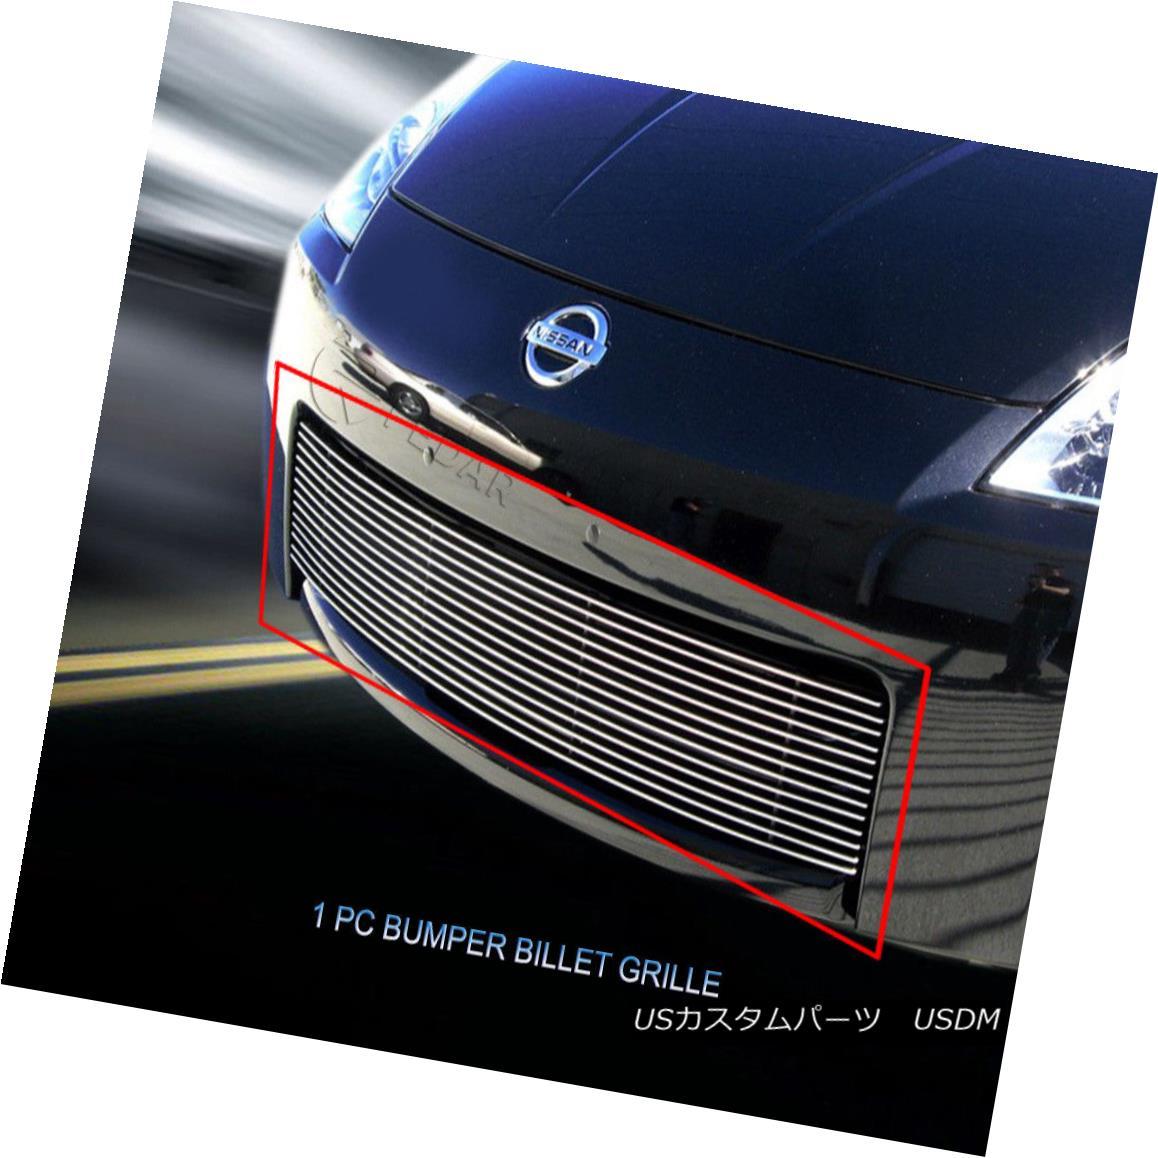 グリル Fits 06-07 Nissan 350Z Billet Grille Grill Insert 1PC  187 Fedar フィット06-07日産350Zビレットグリルグリルインサート1PC 187 Fedar